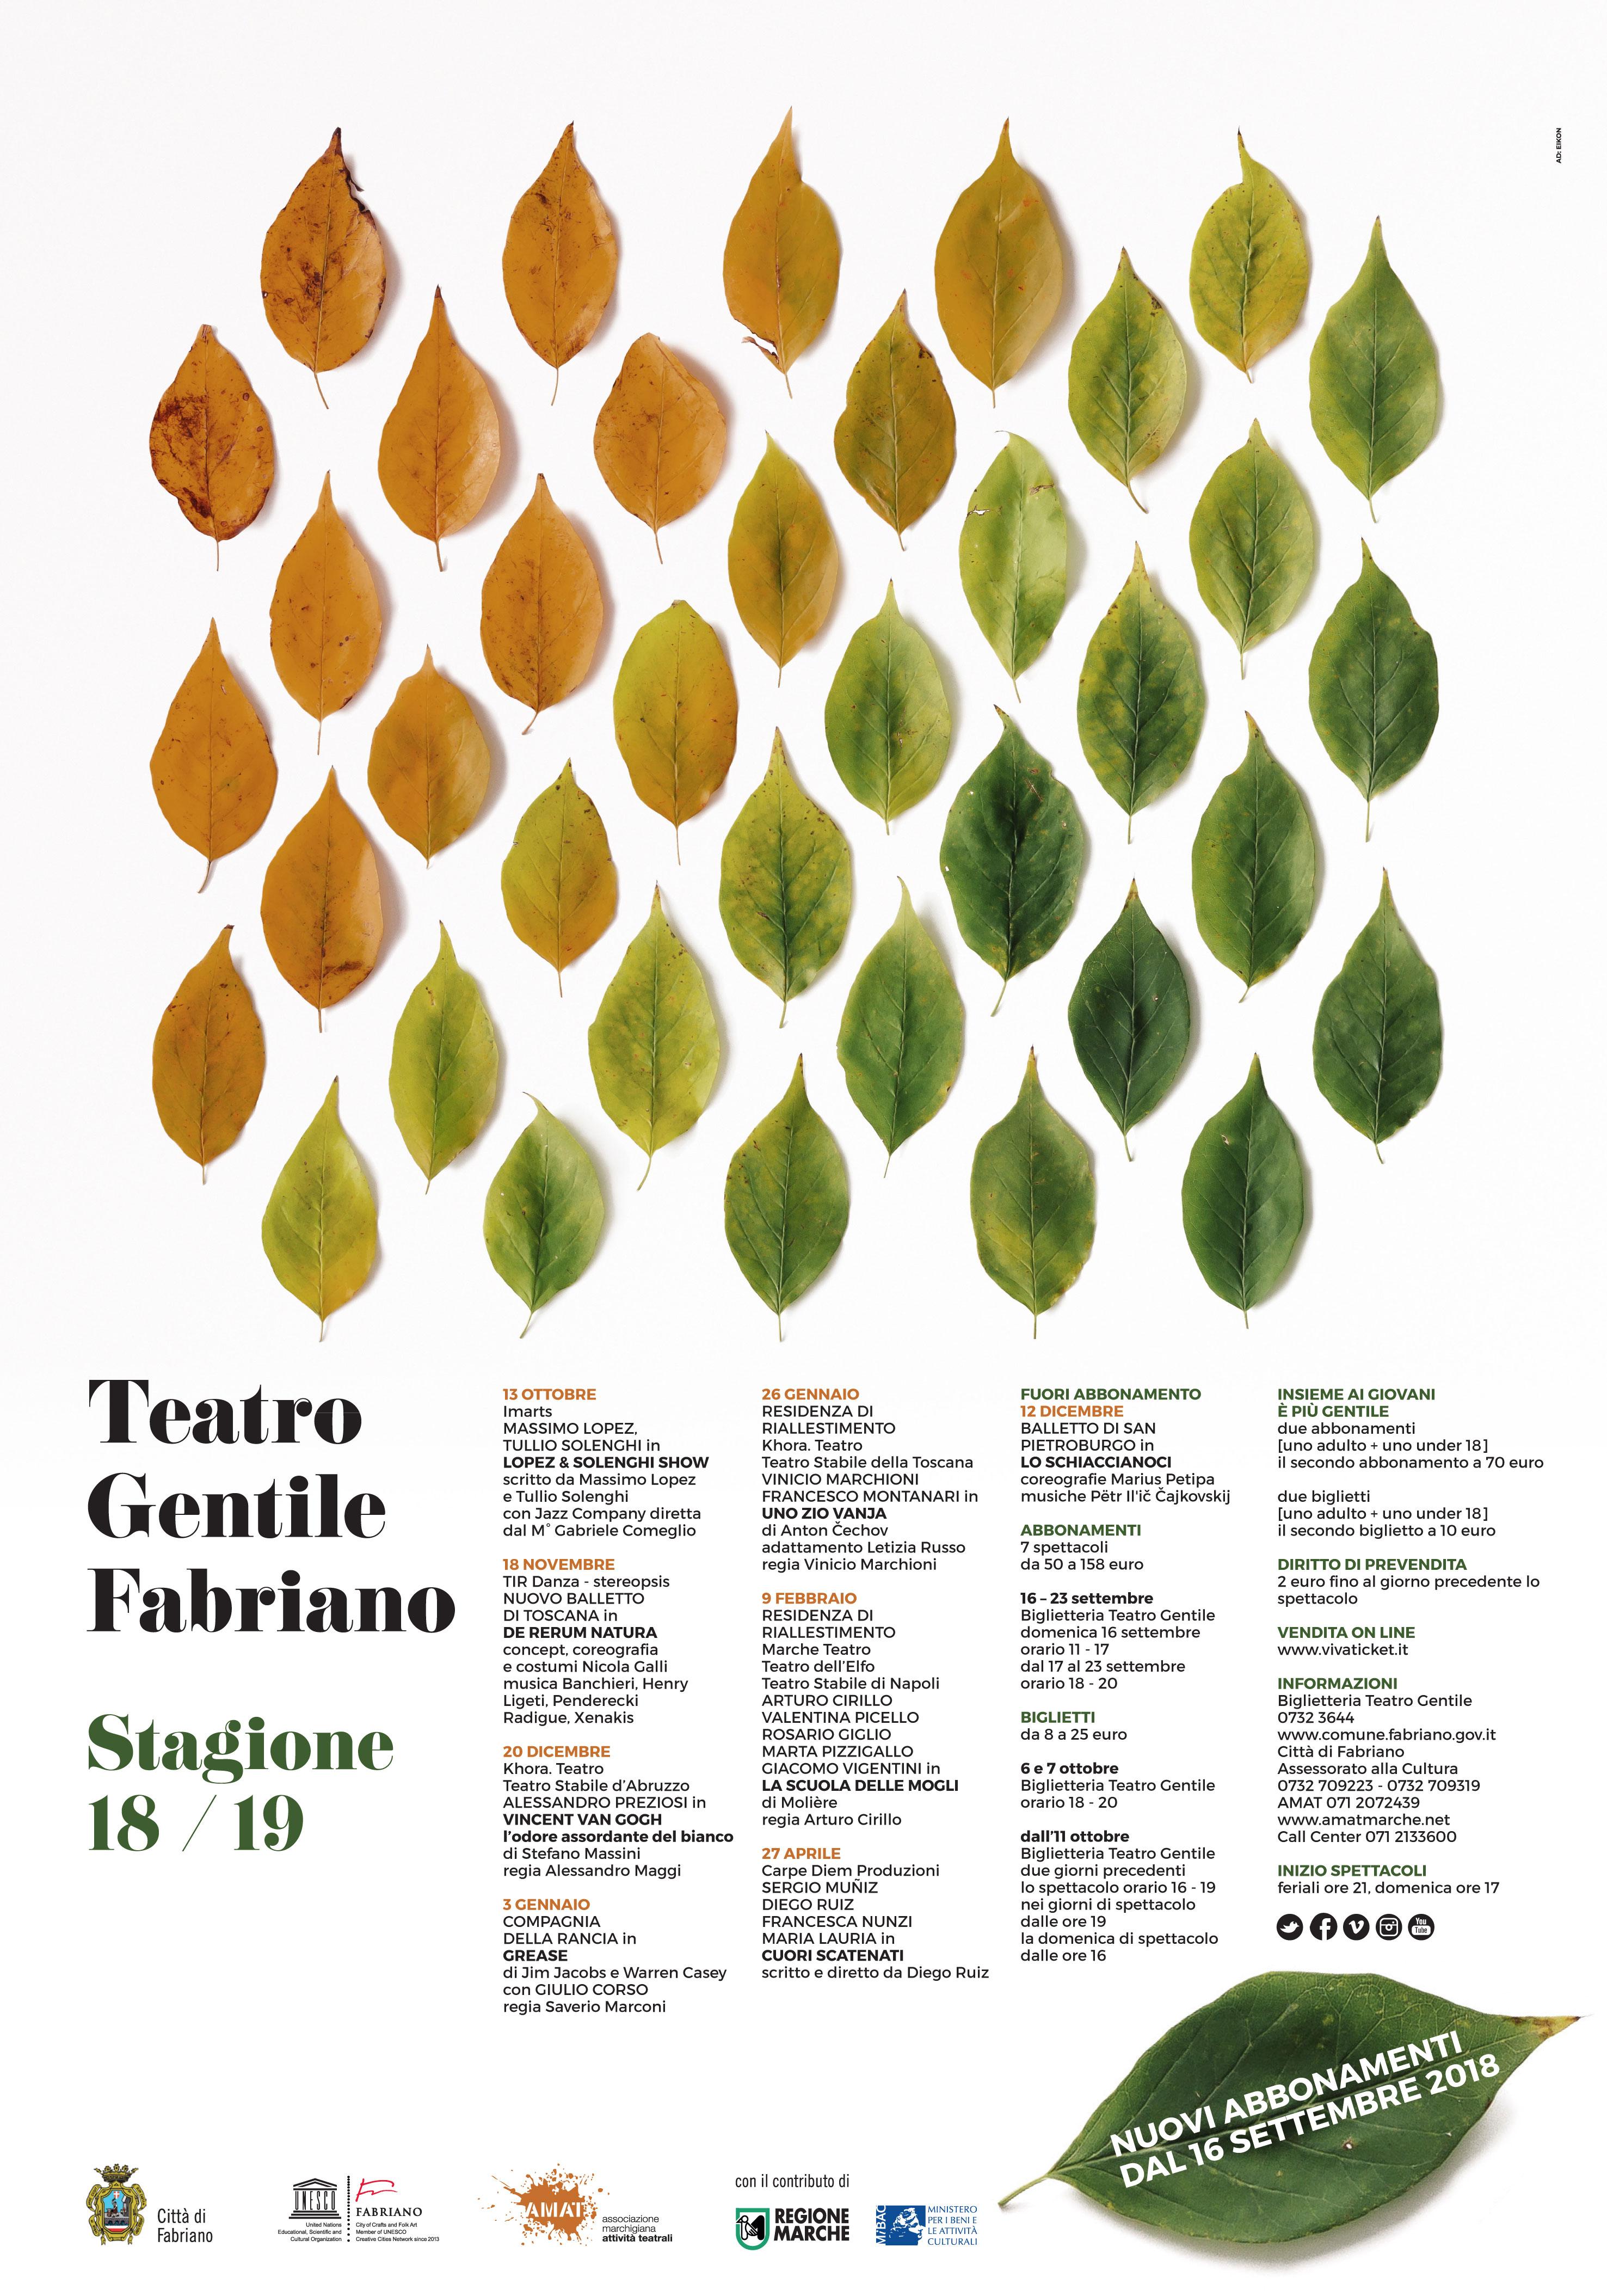 Fabriano 2018/19